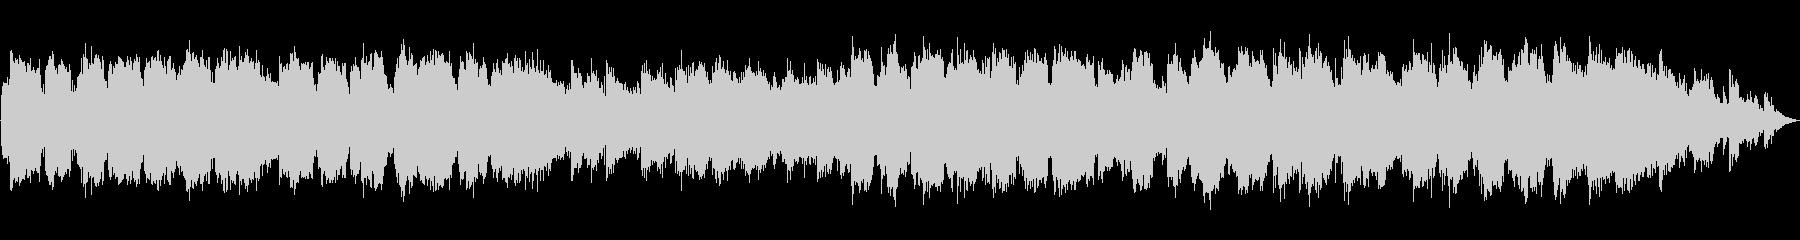 低い笛の音のヒーリング音楽の未再生の波形